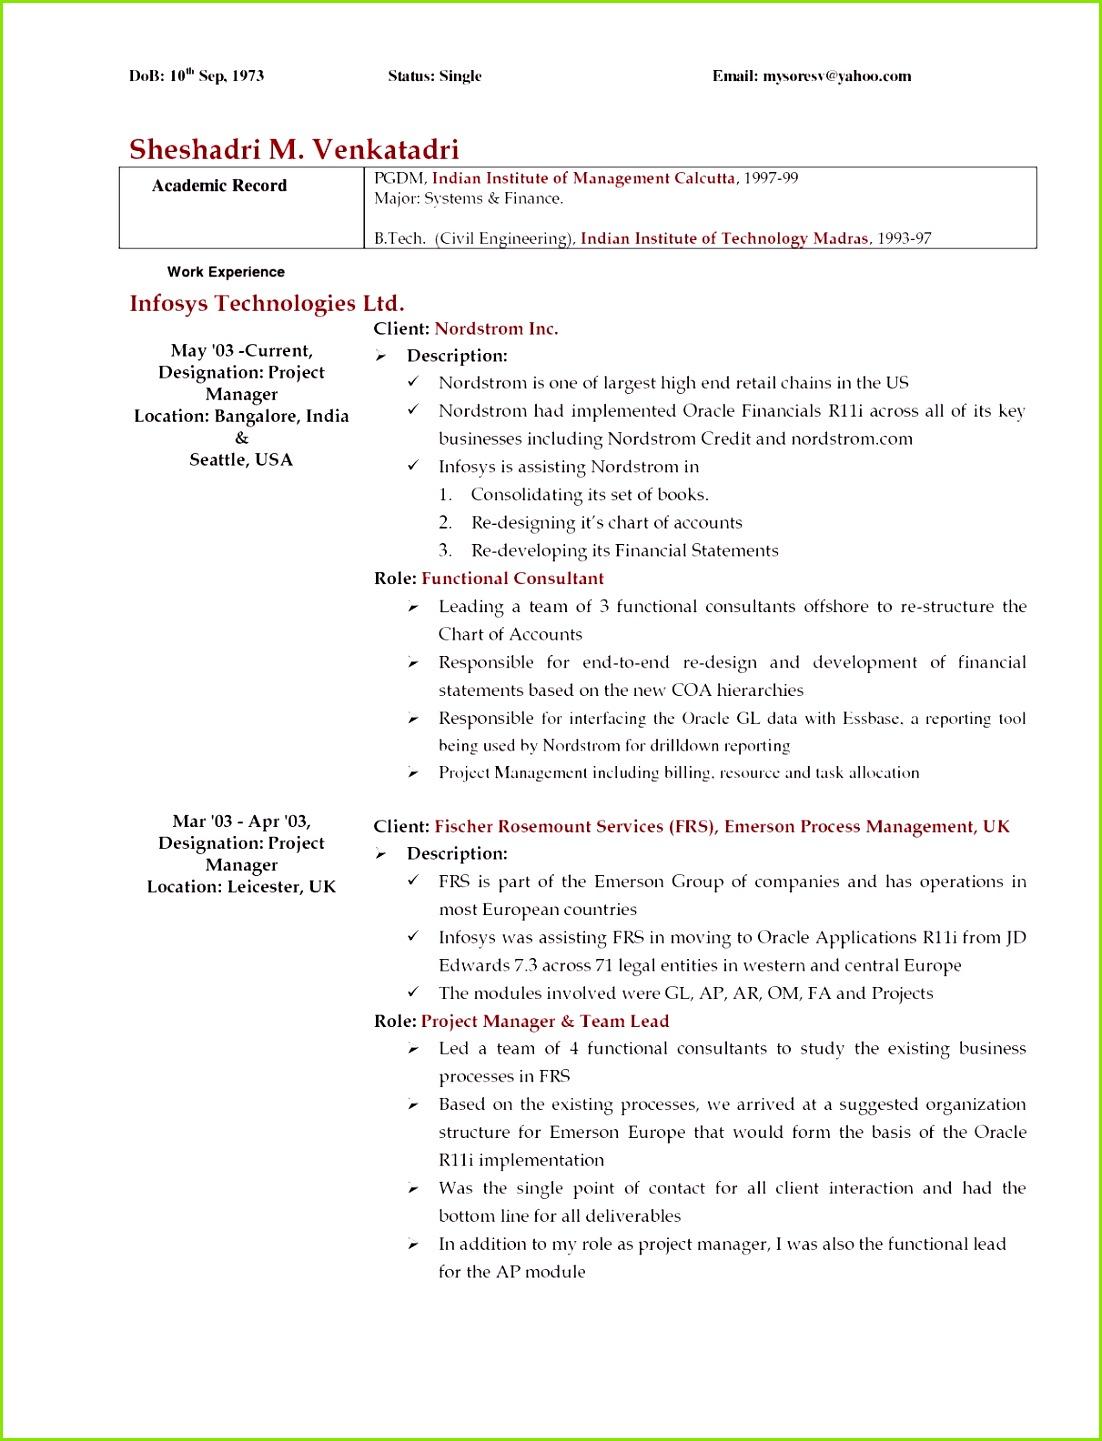 8 Personalbewertung Vorlage